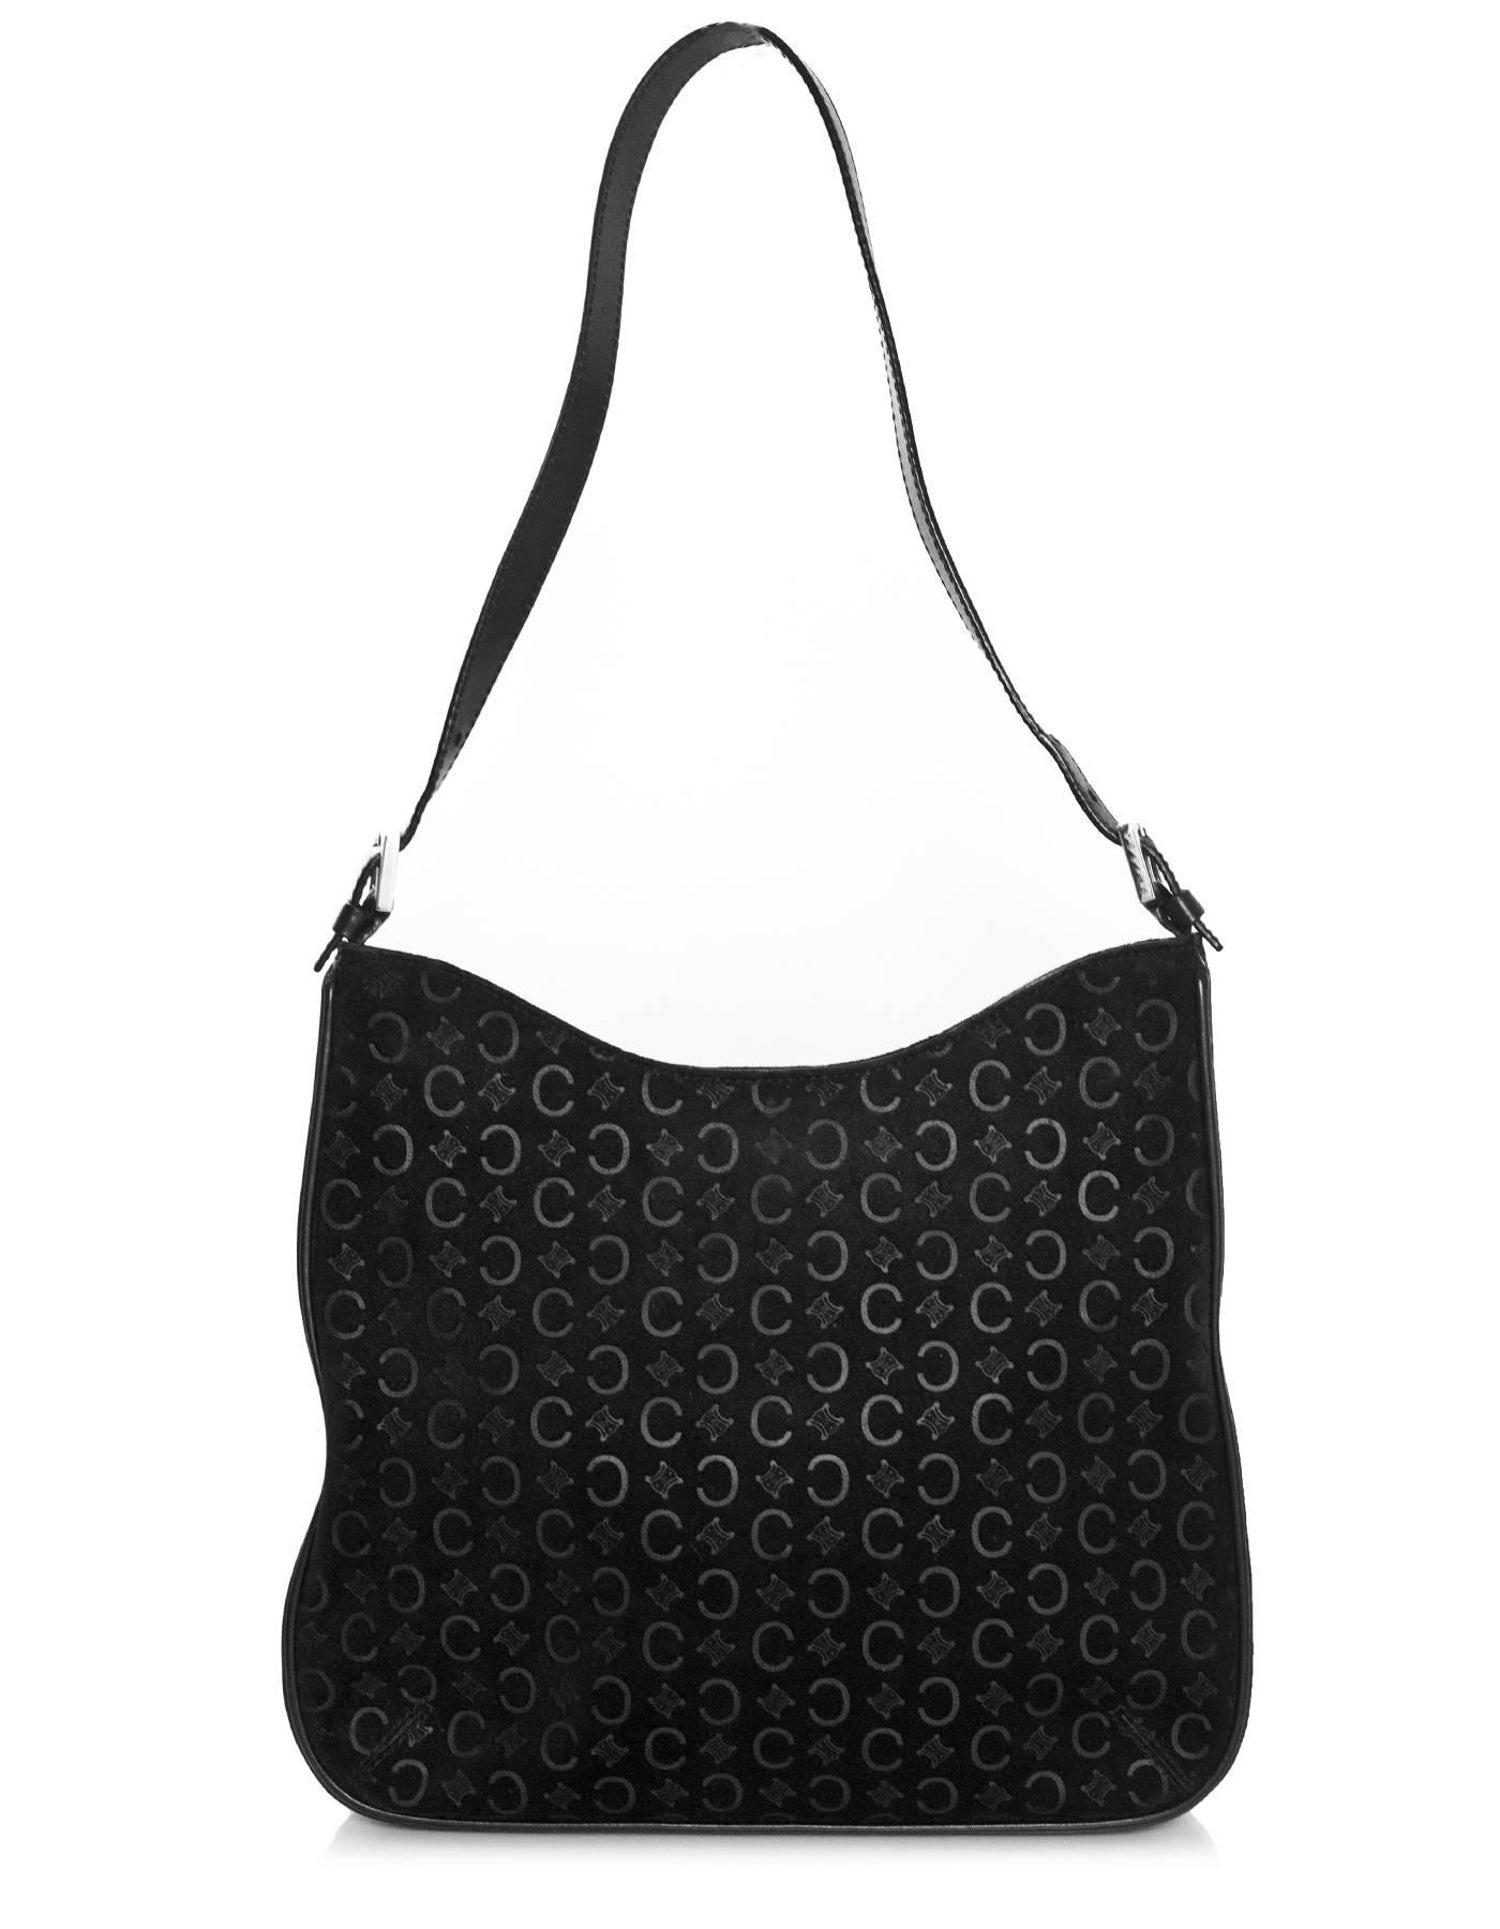 f5ab712b27 Celine Black Suede Embossed C Logo Shoulder Bag For Sale at 1stdibs